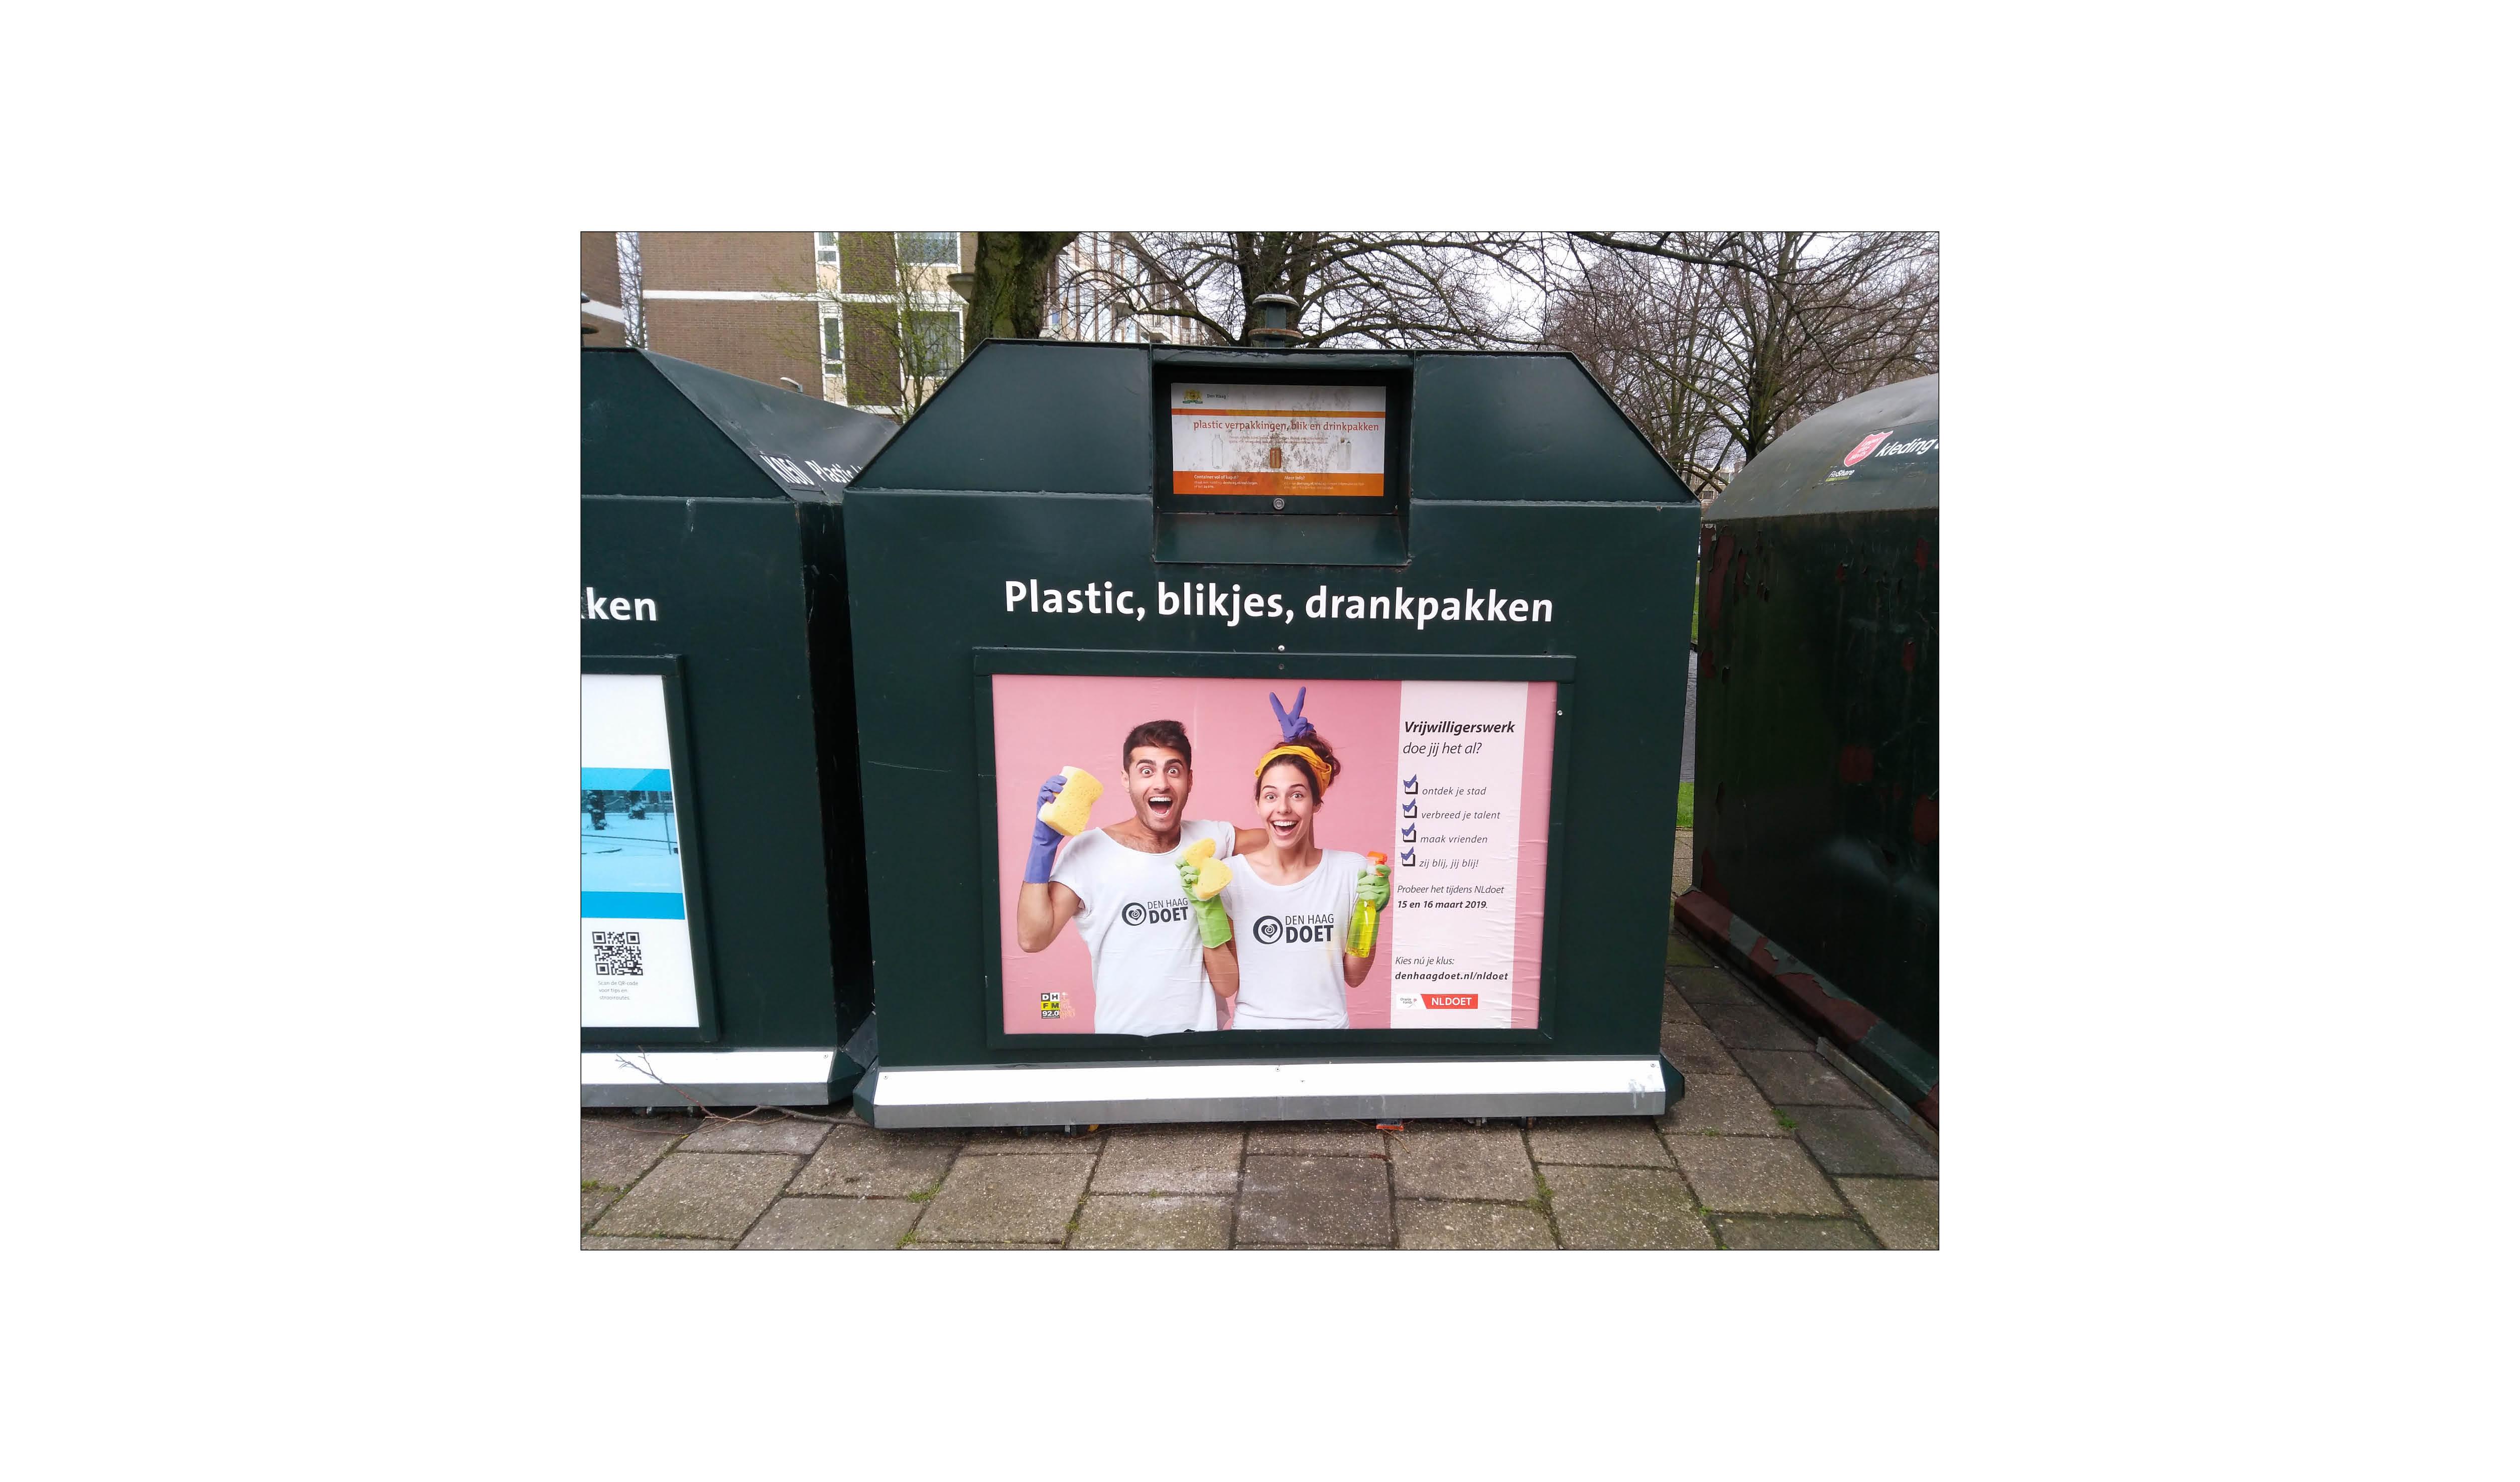 NLdoet campagne Den Haag